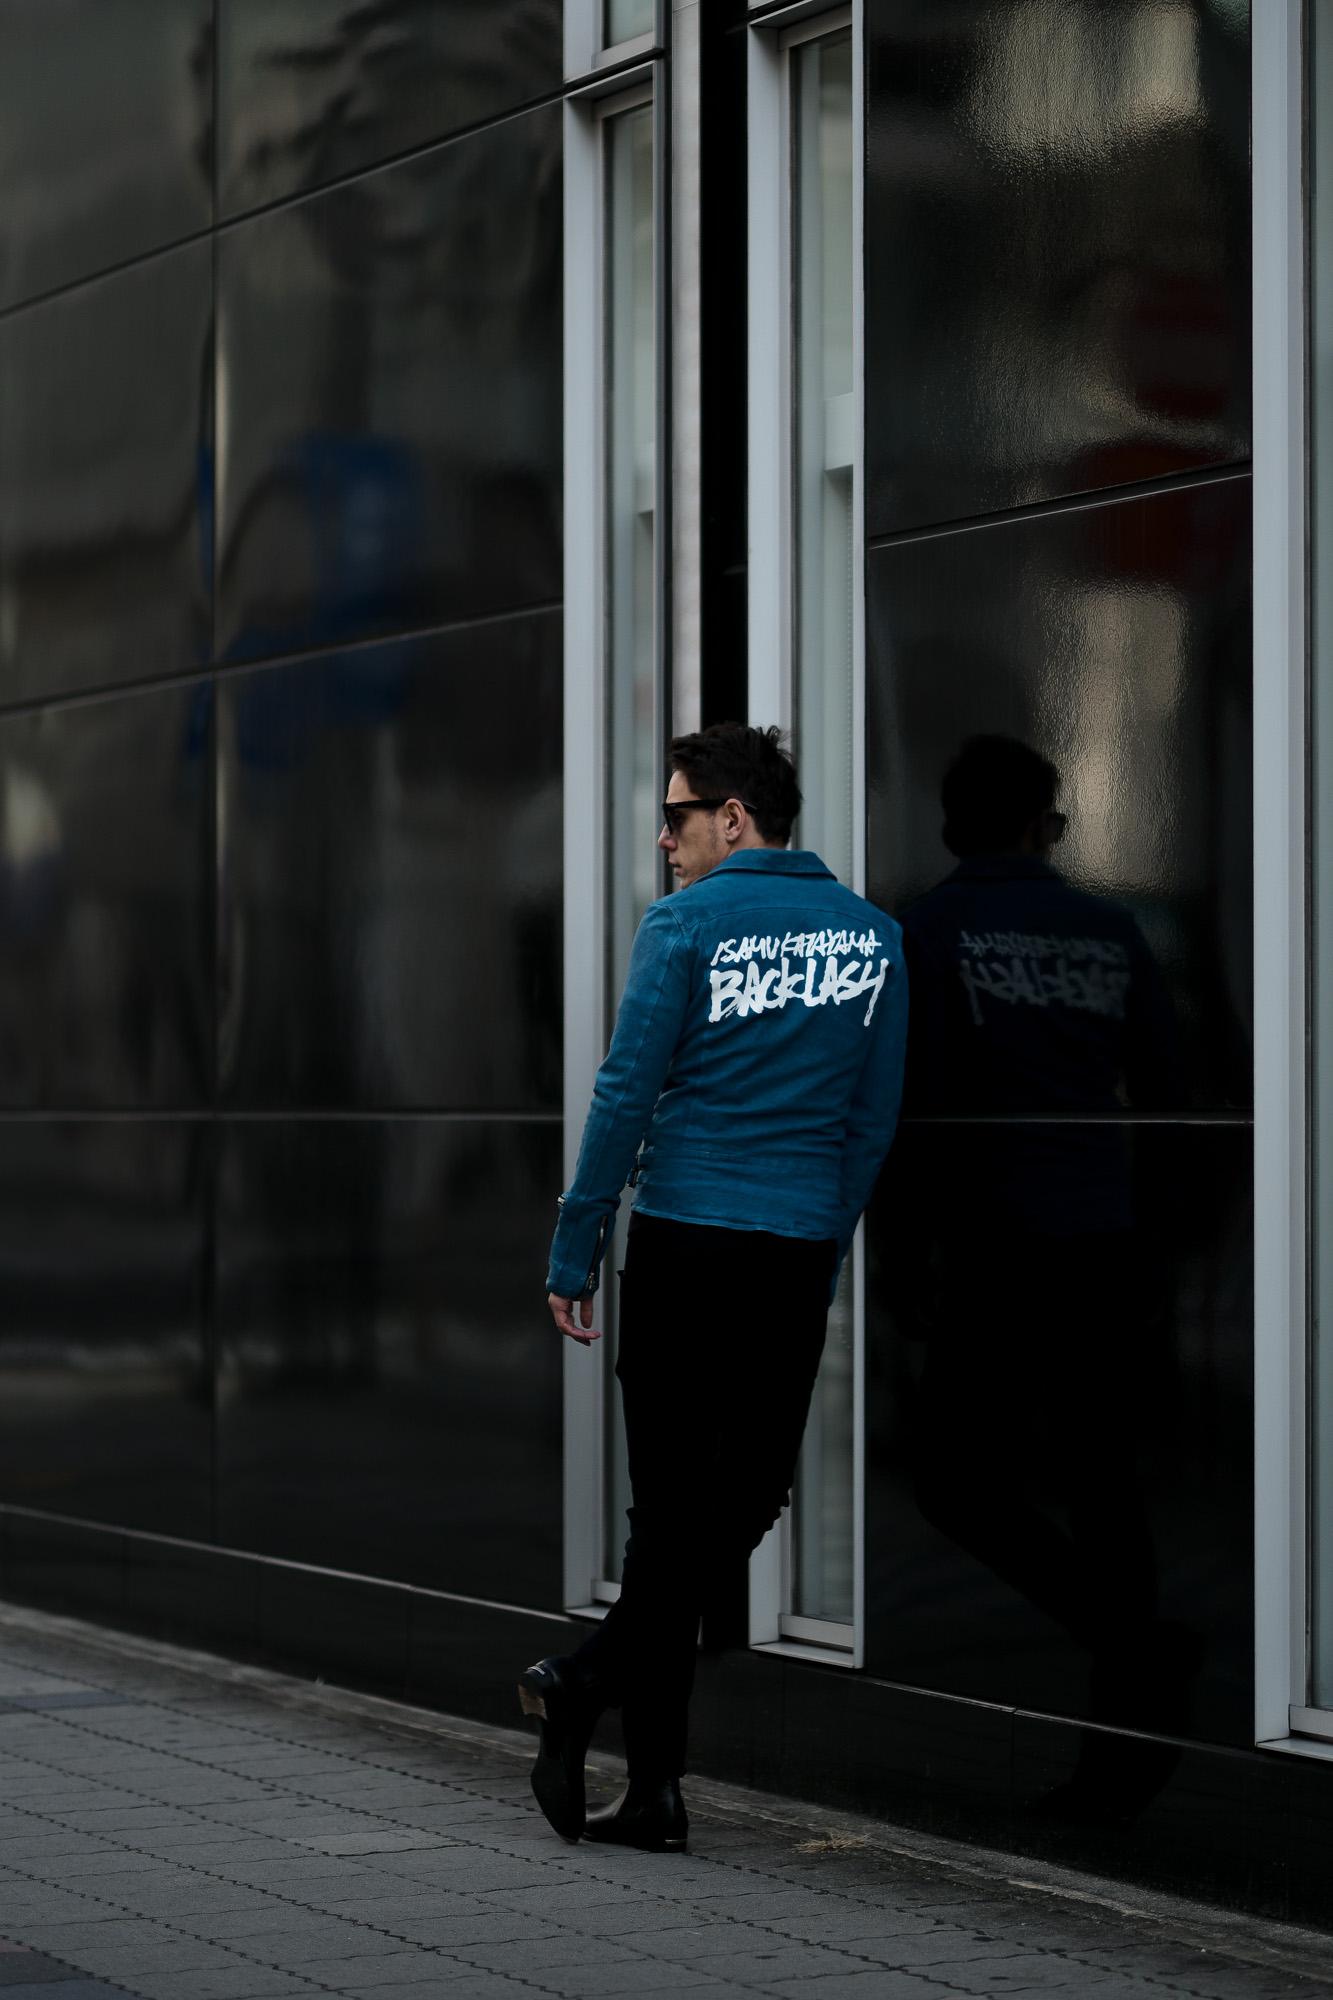 ISAMU KATAYAMA BACKLASH (イサムカタヤマ バックラッシュ) JAPAN CALF DOUBLE RIDERS No.1927-01 (ジャパン カーフ ダブルライダース) レザー ダブルライダース ジャケット TURQUOISE(ターコイズ) MADE IN JAPAN (日本製) 2021 春夏 【Special Model】【Alto e Diritto別注】【カタヤマ氏直筆スペシャルバックプリント】愛知 名古屋 Alto e Diritto アルトエデリット レザージャケット ライダースジャケット